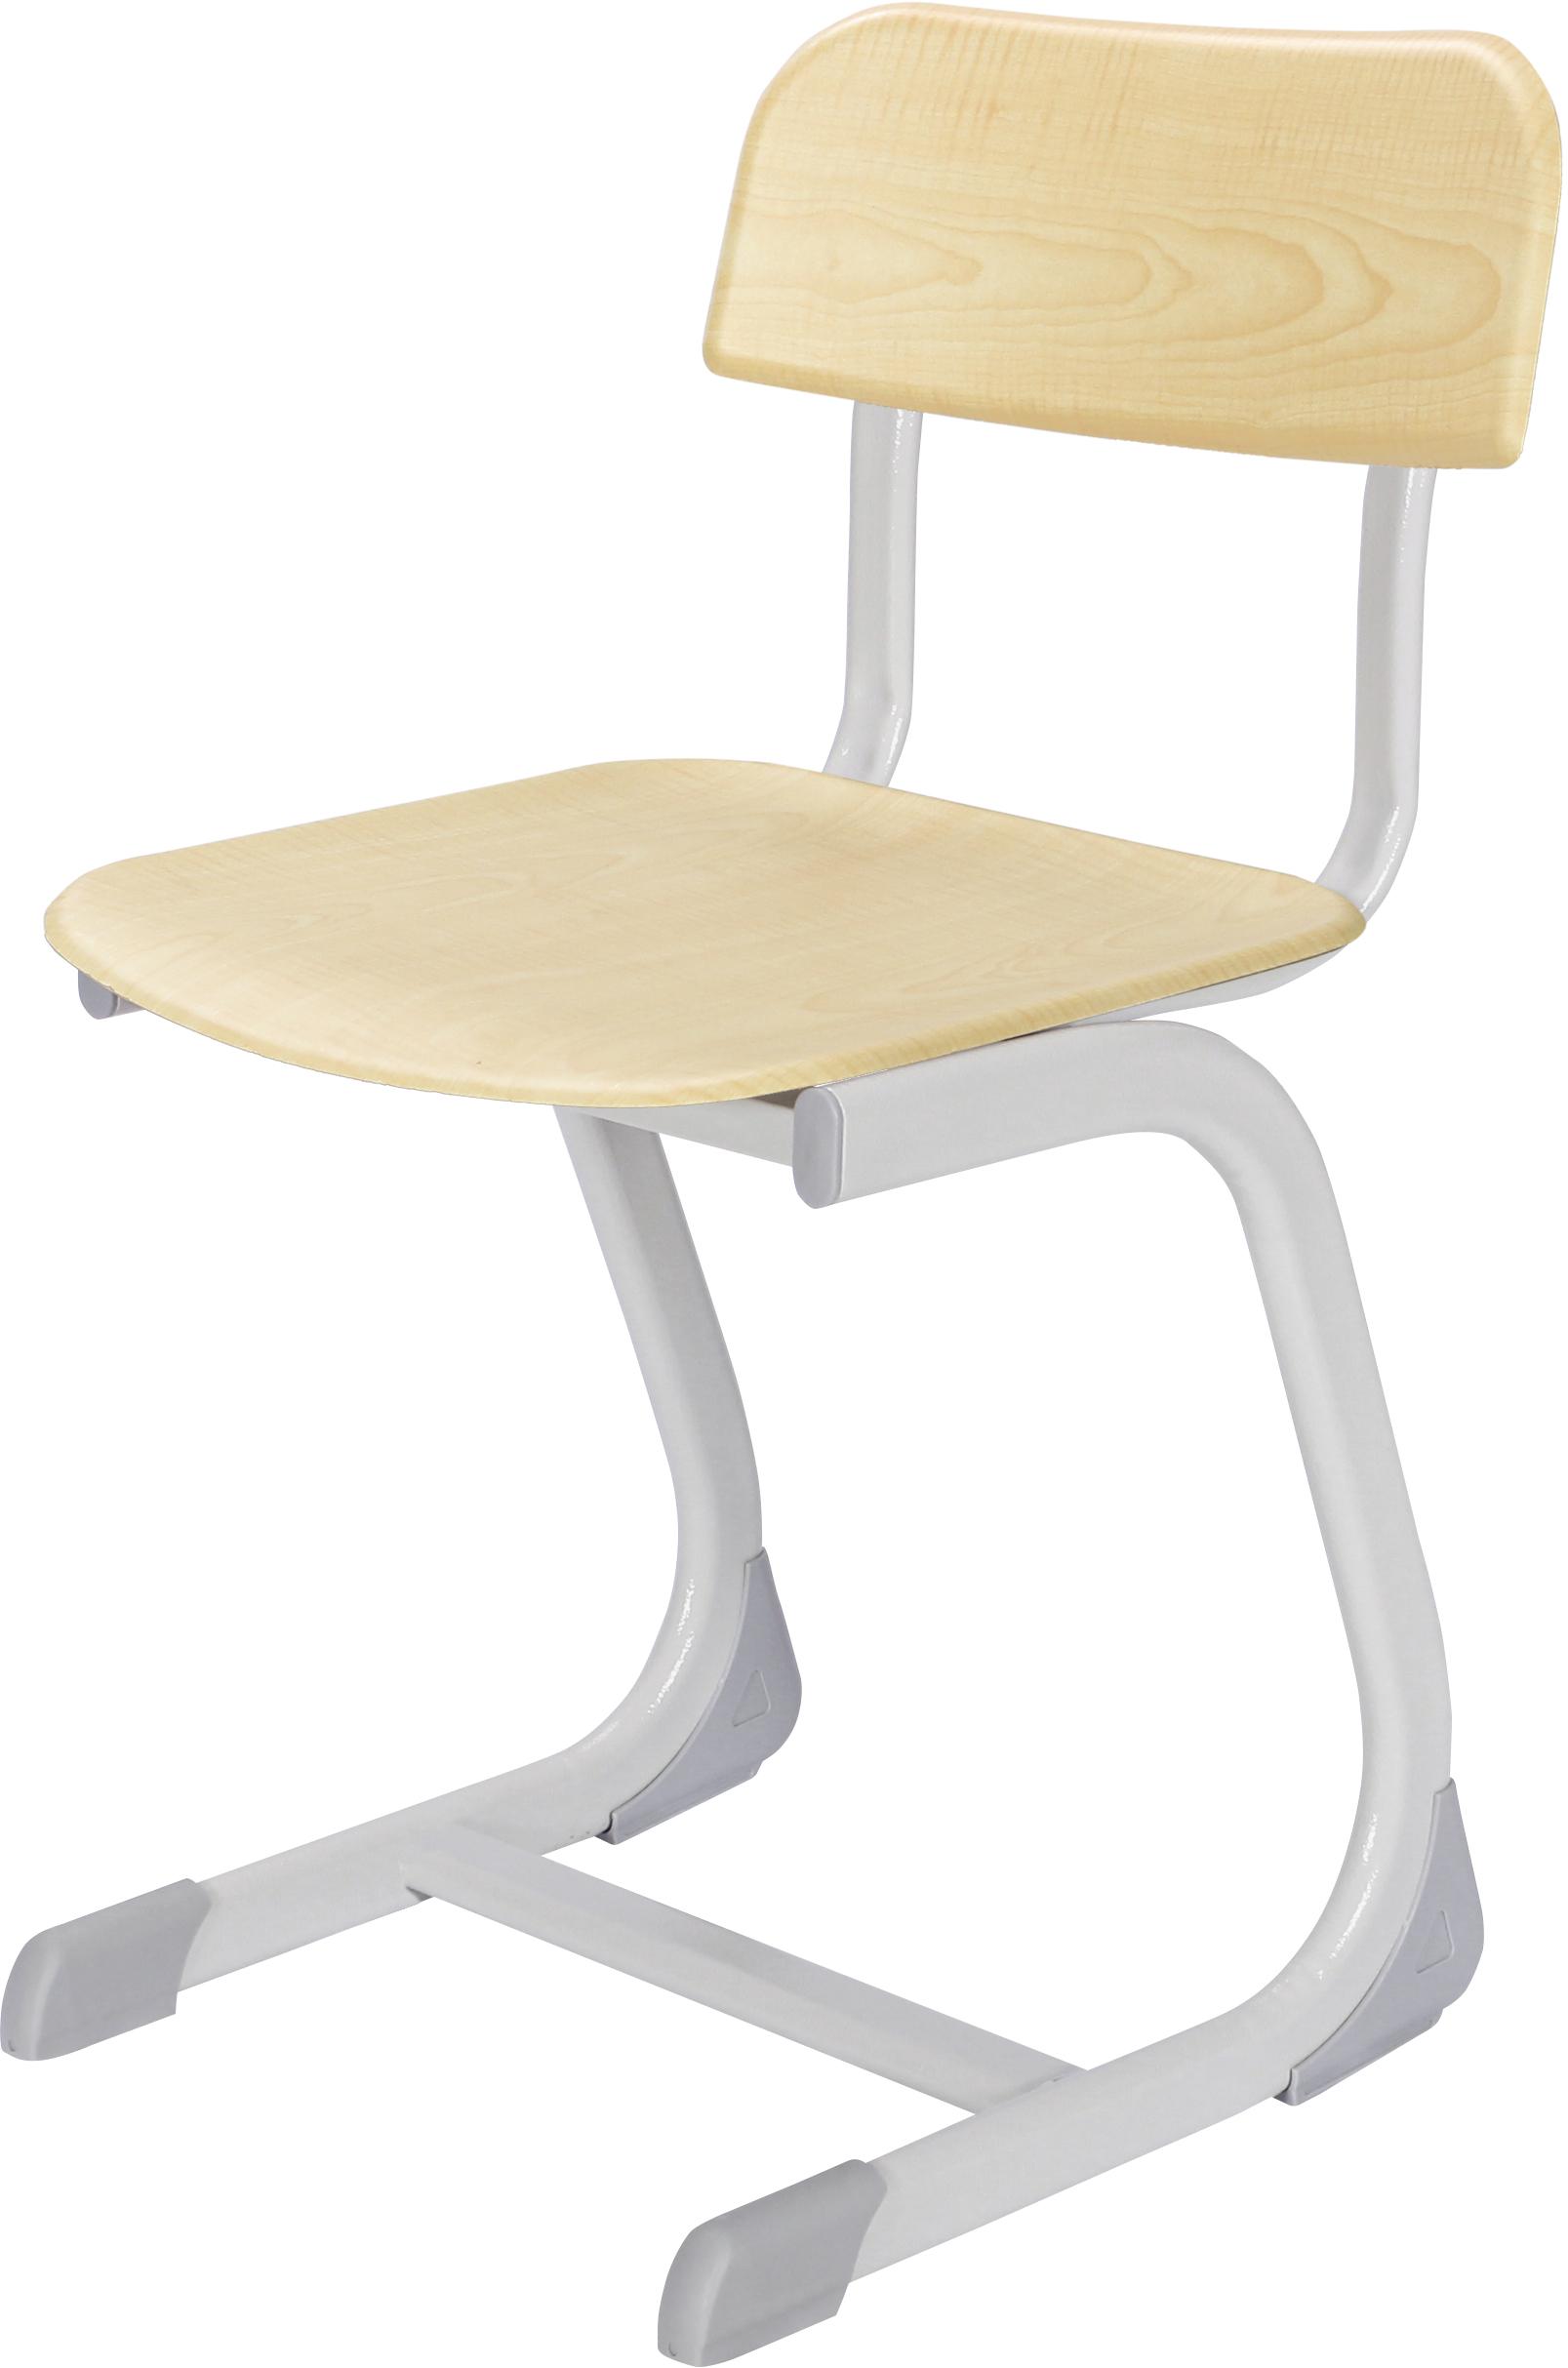 Inci Chair